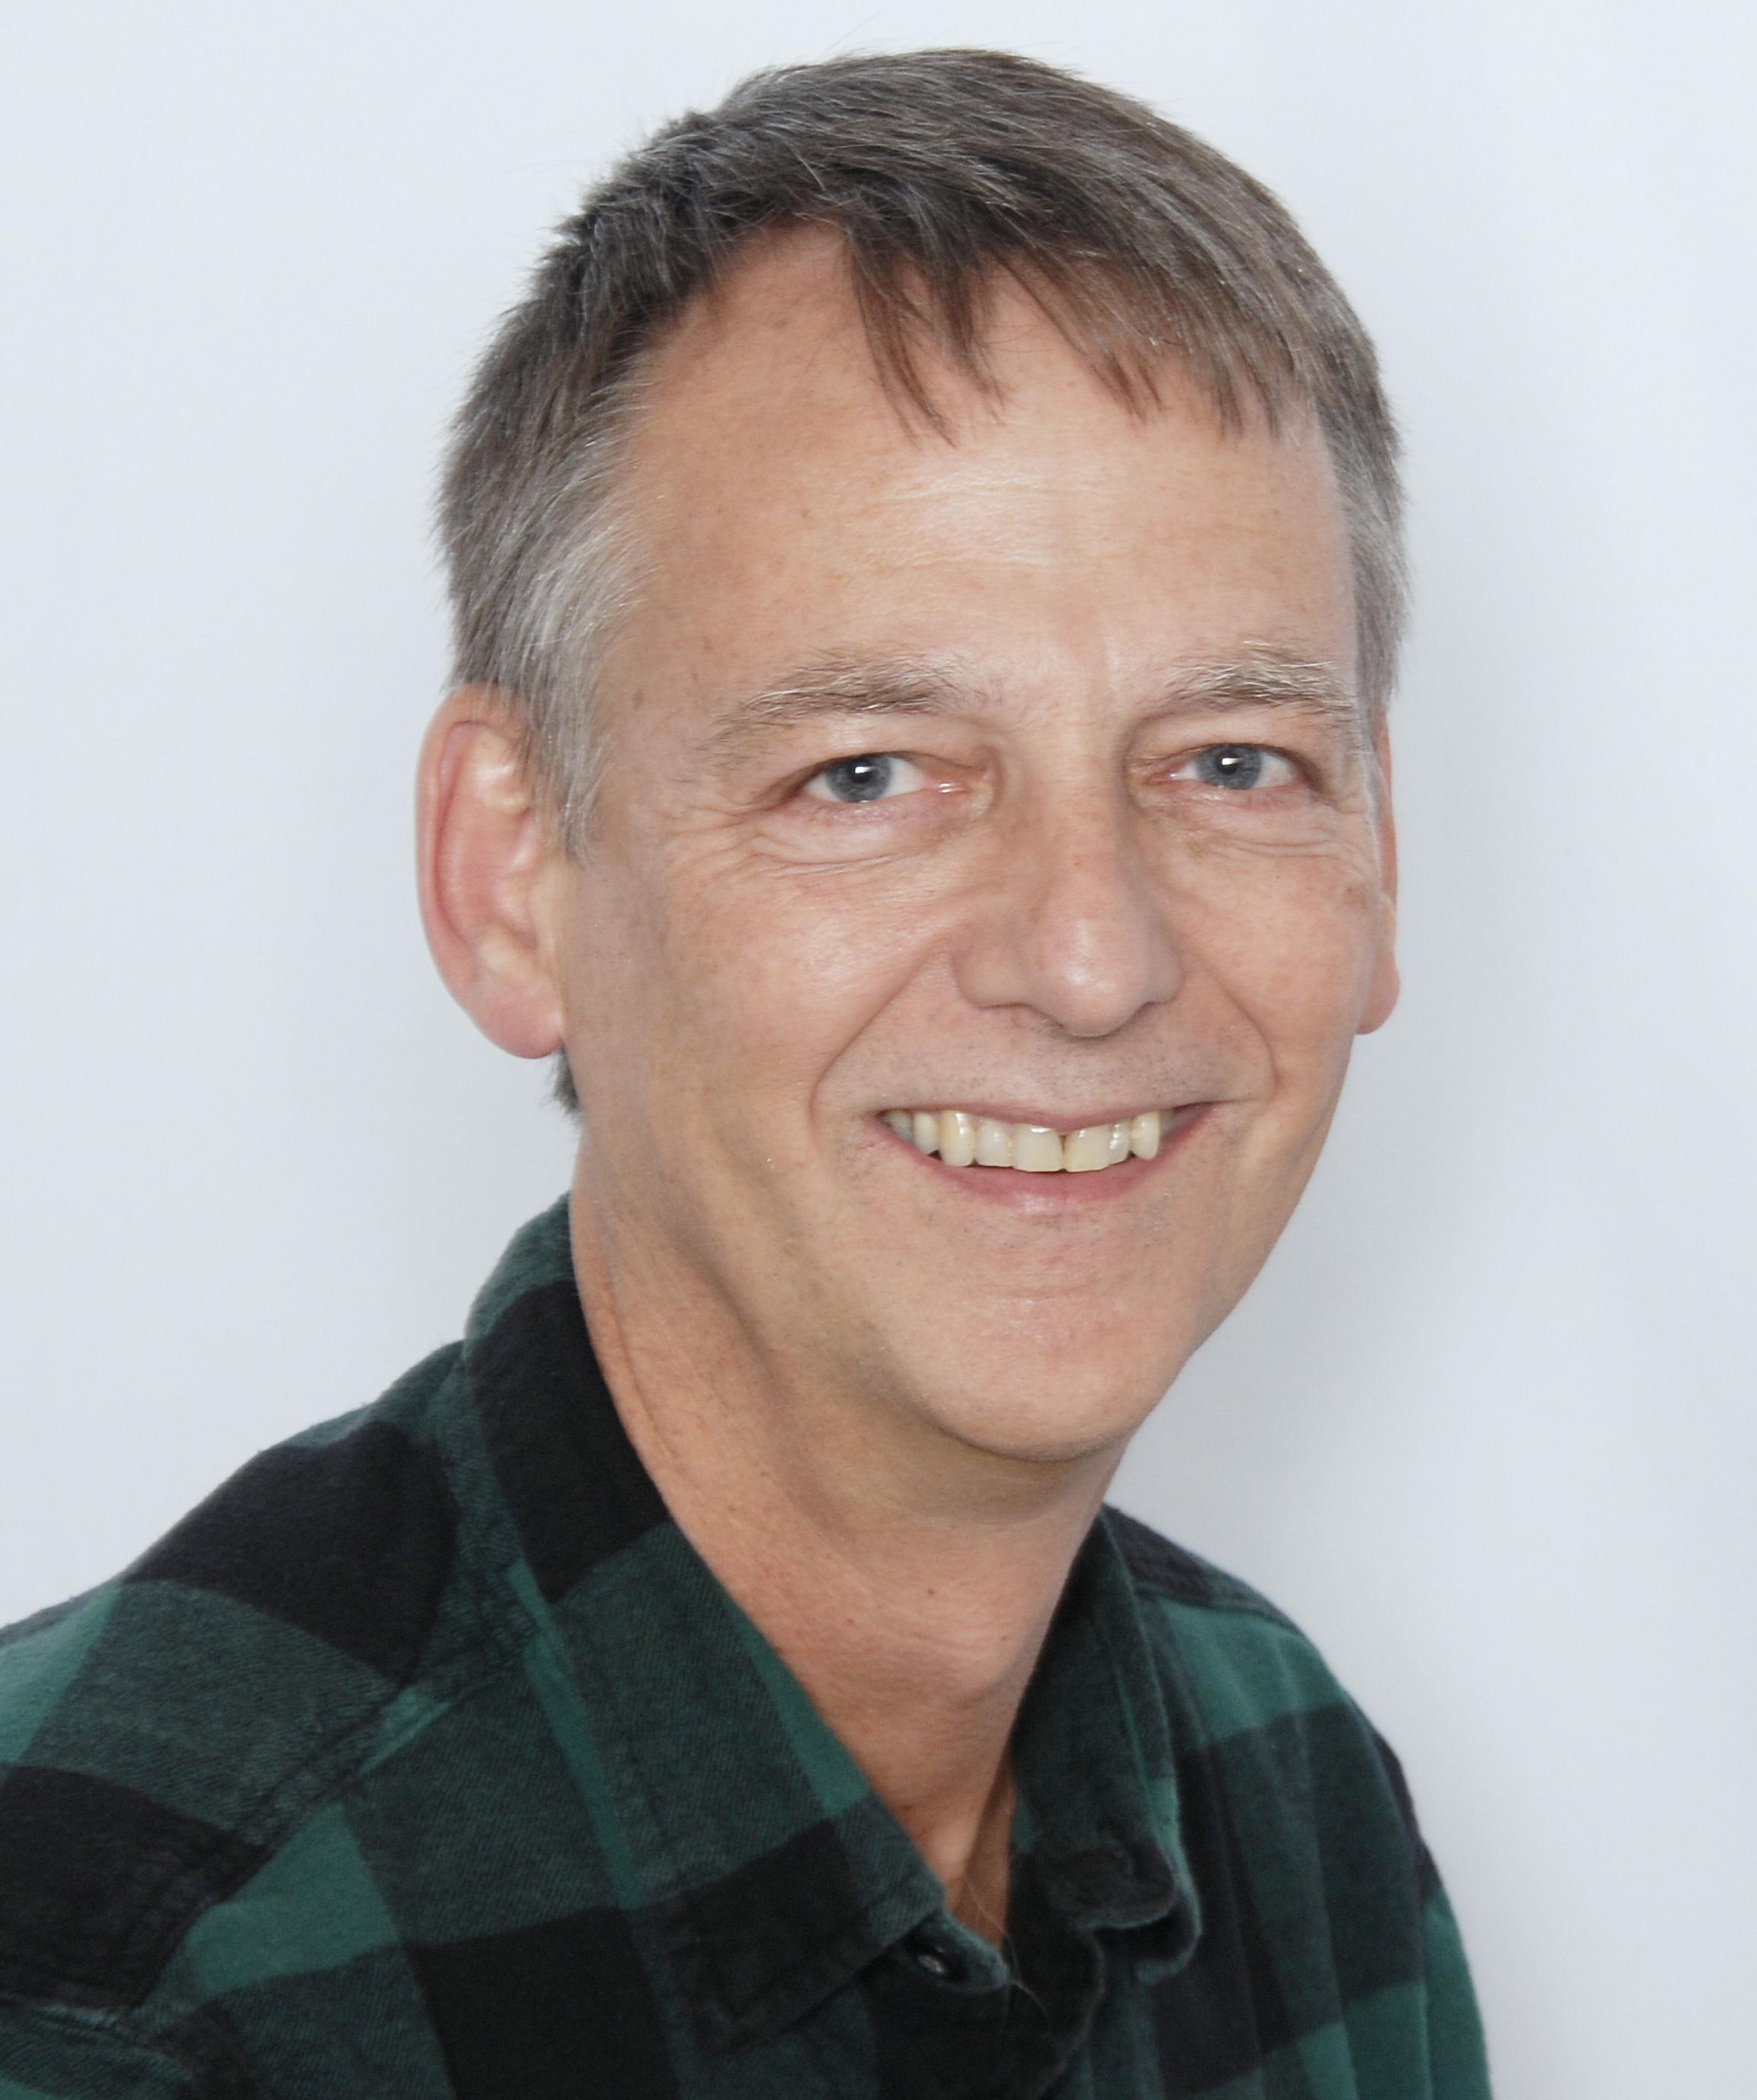 Tom Barbour